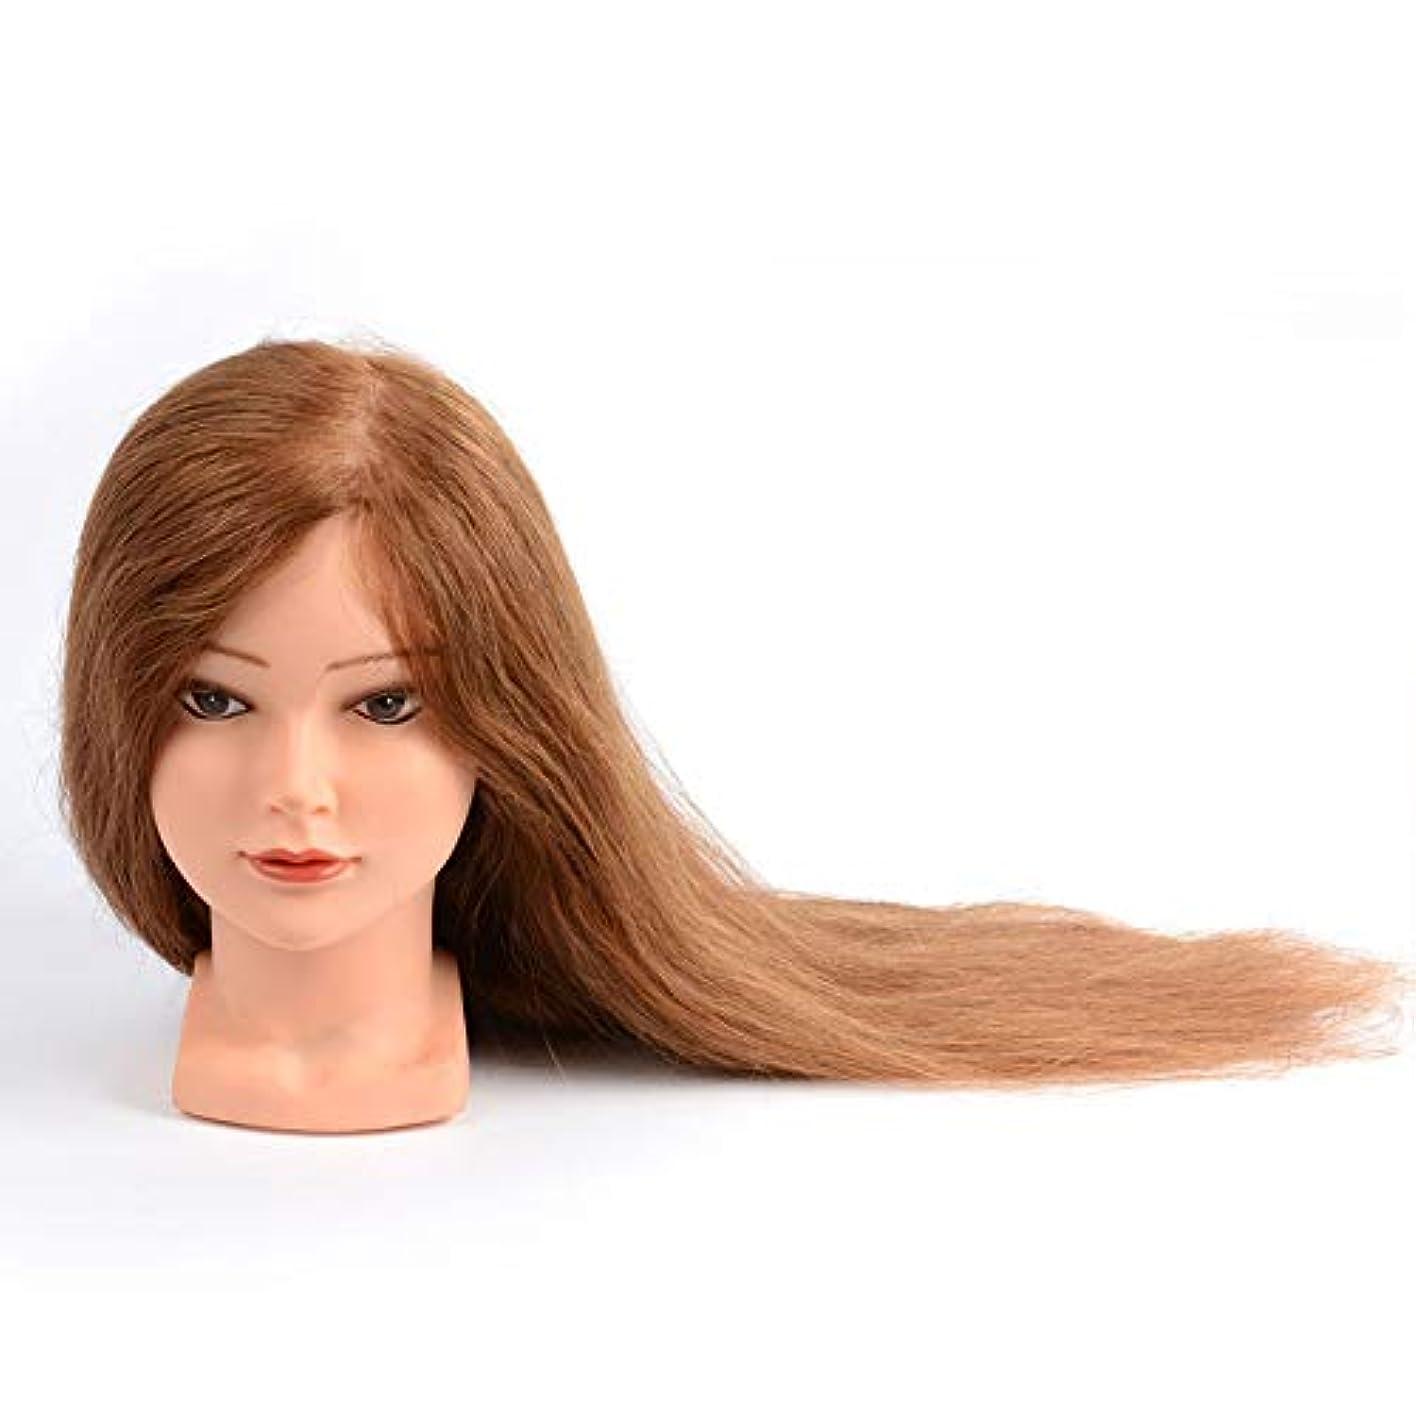 欠如悔い改めるつかいますゴールデンプラクティスマネキンヘッドブライダルメイクスタイリングプラクティスダミーヘッドヘアサロン散髪指導ヘッドは染めることができます漂白